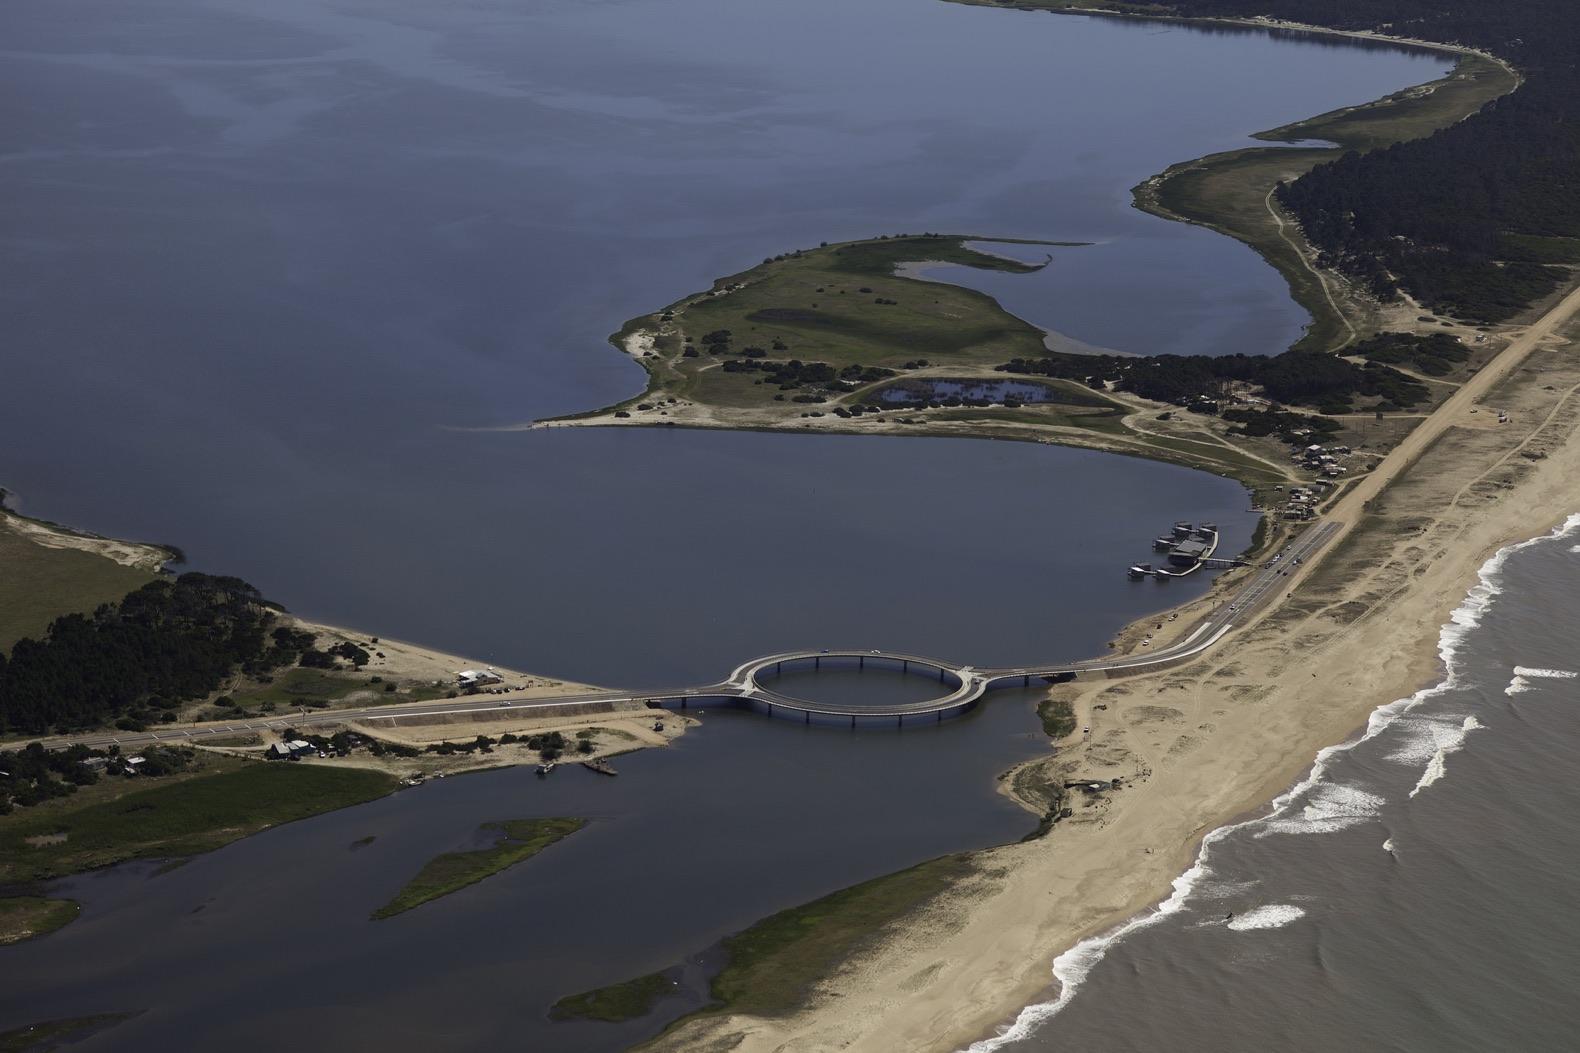 Pod circular, Uruguay